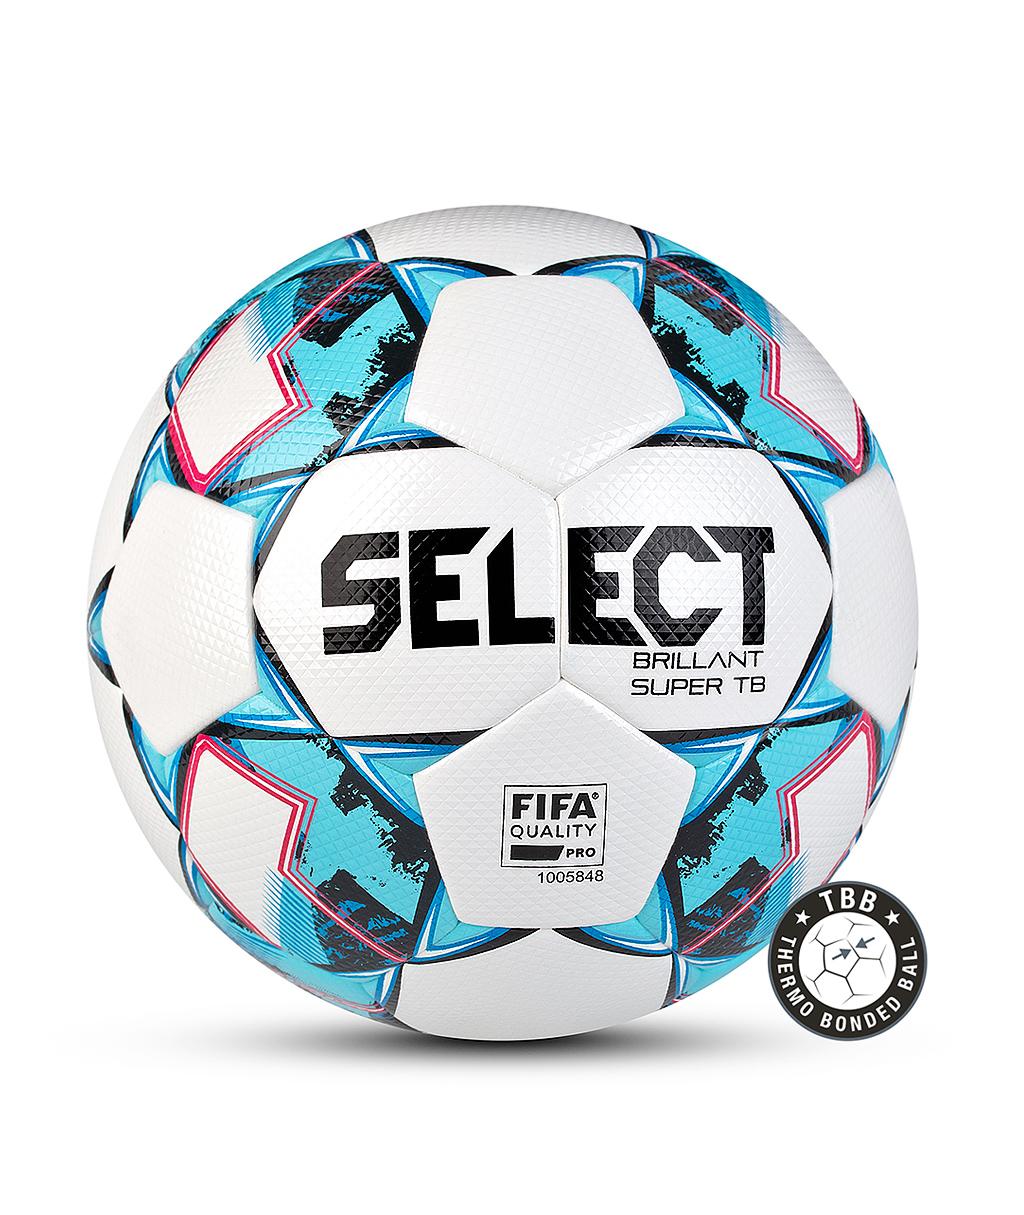 Купить мяч Select Brillant Super FIFA TB V21 810316-102 белый в интернет-магазине